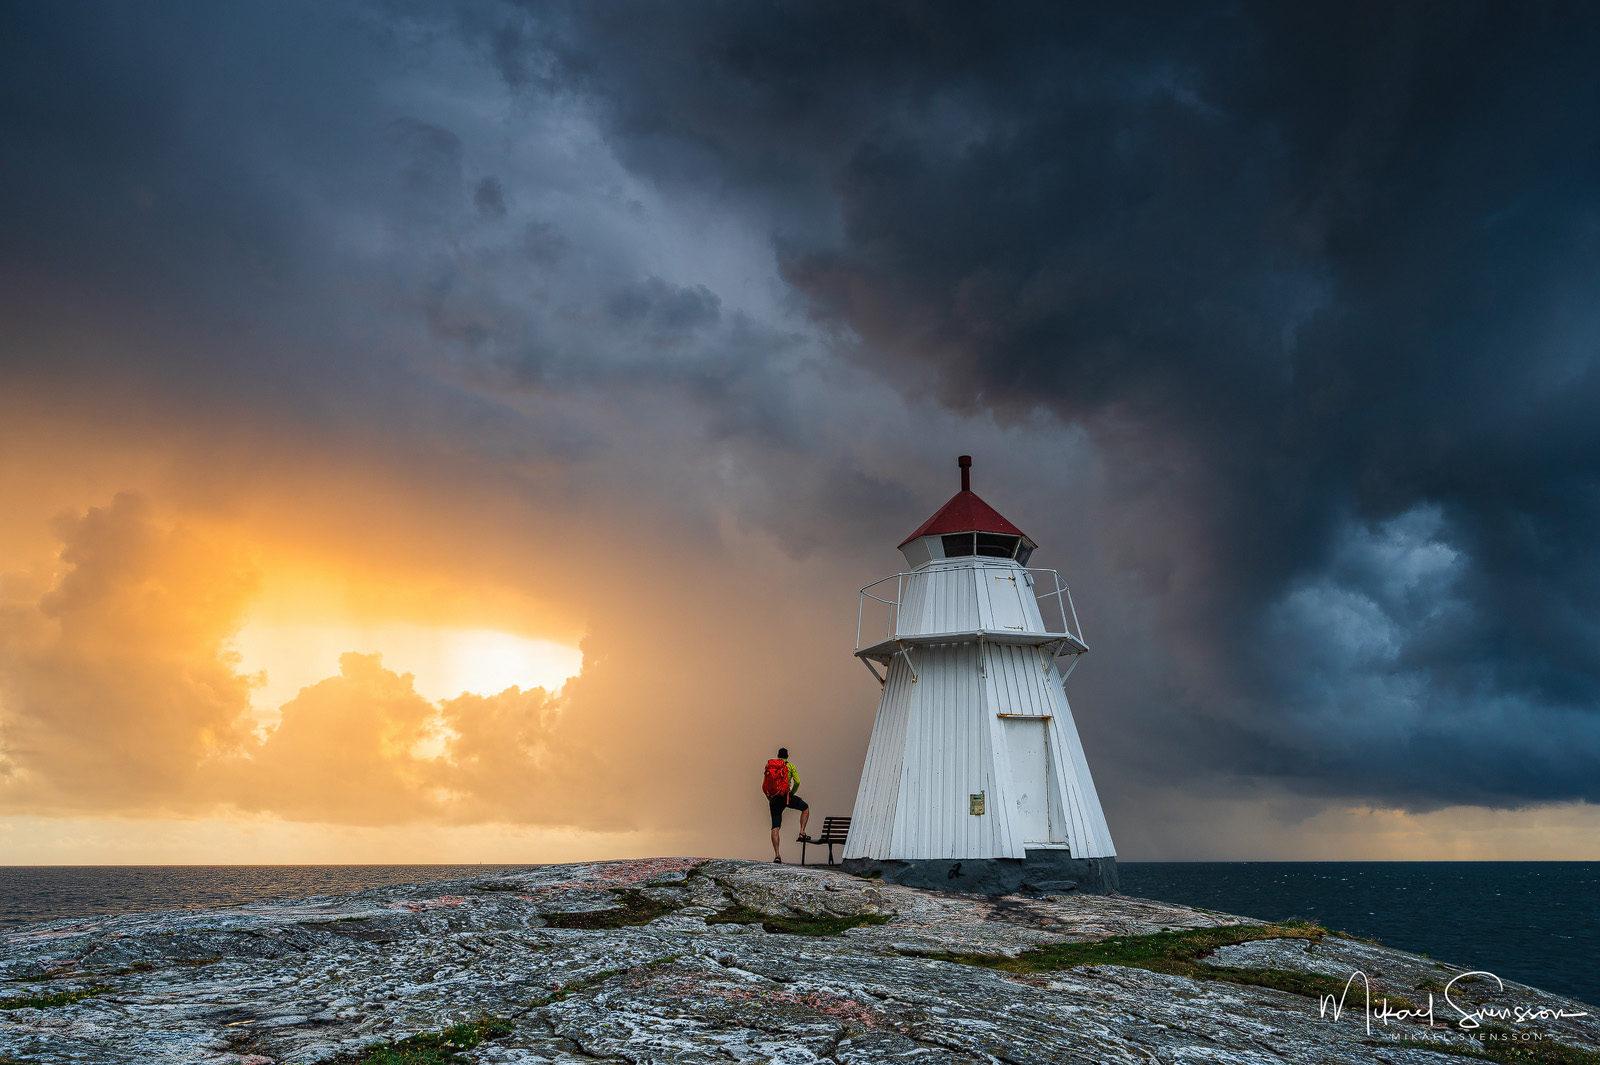 Dramatiskt väder vid Bua fyr, Halland, Sweden.